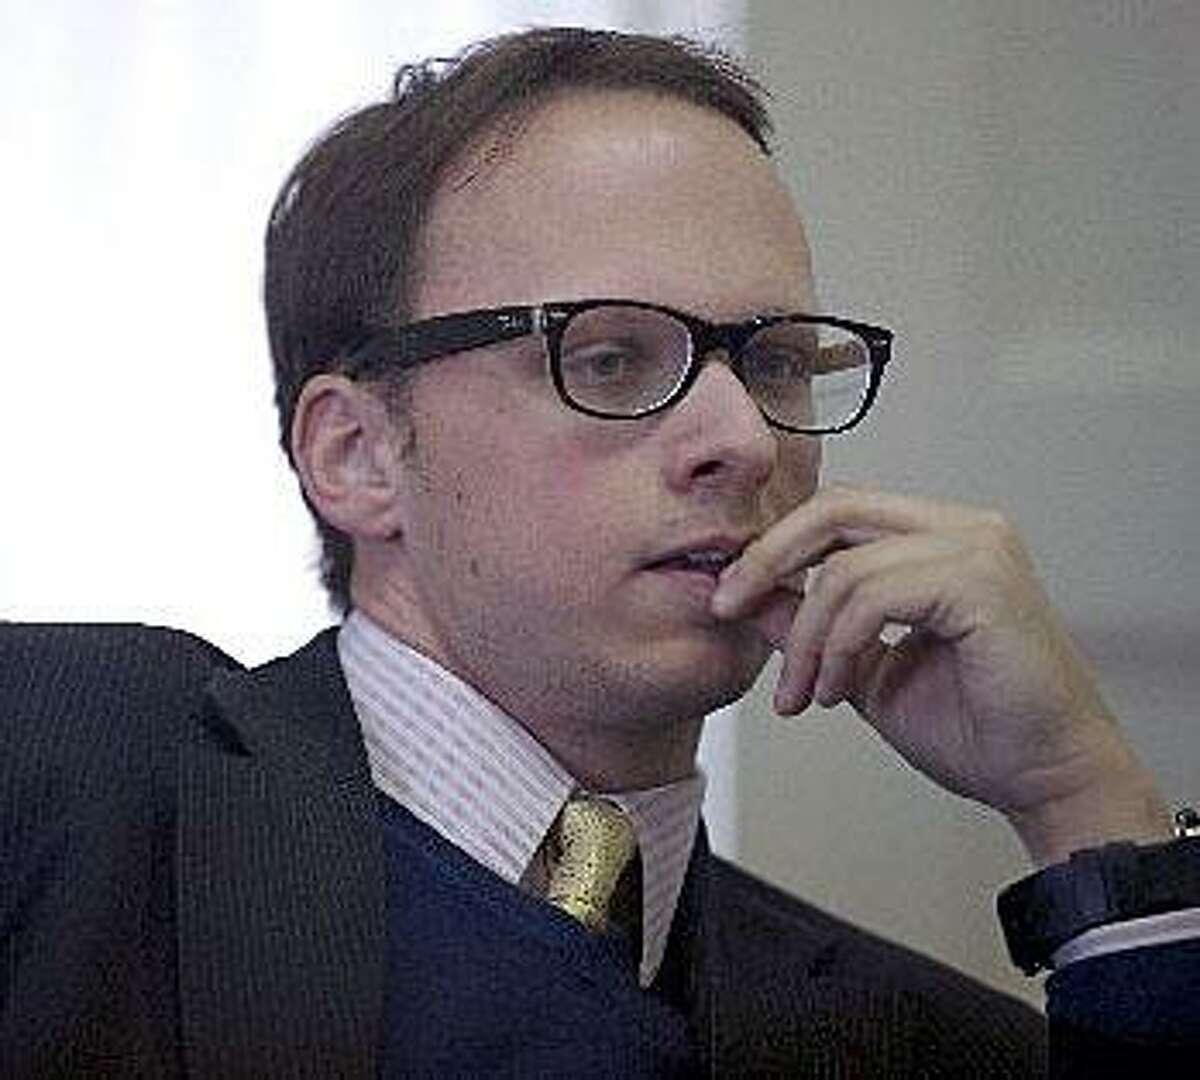 John Kleinhans